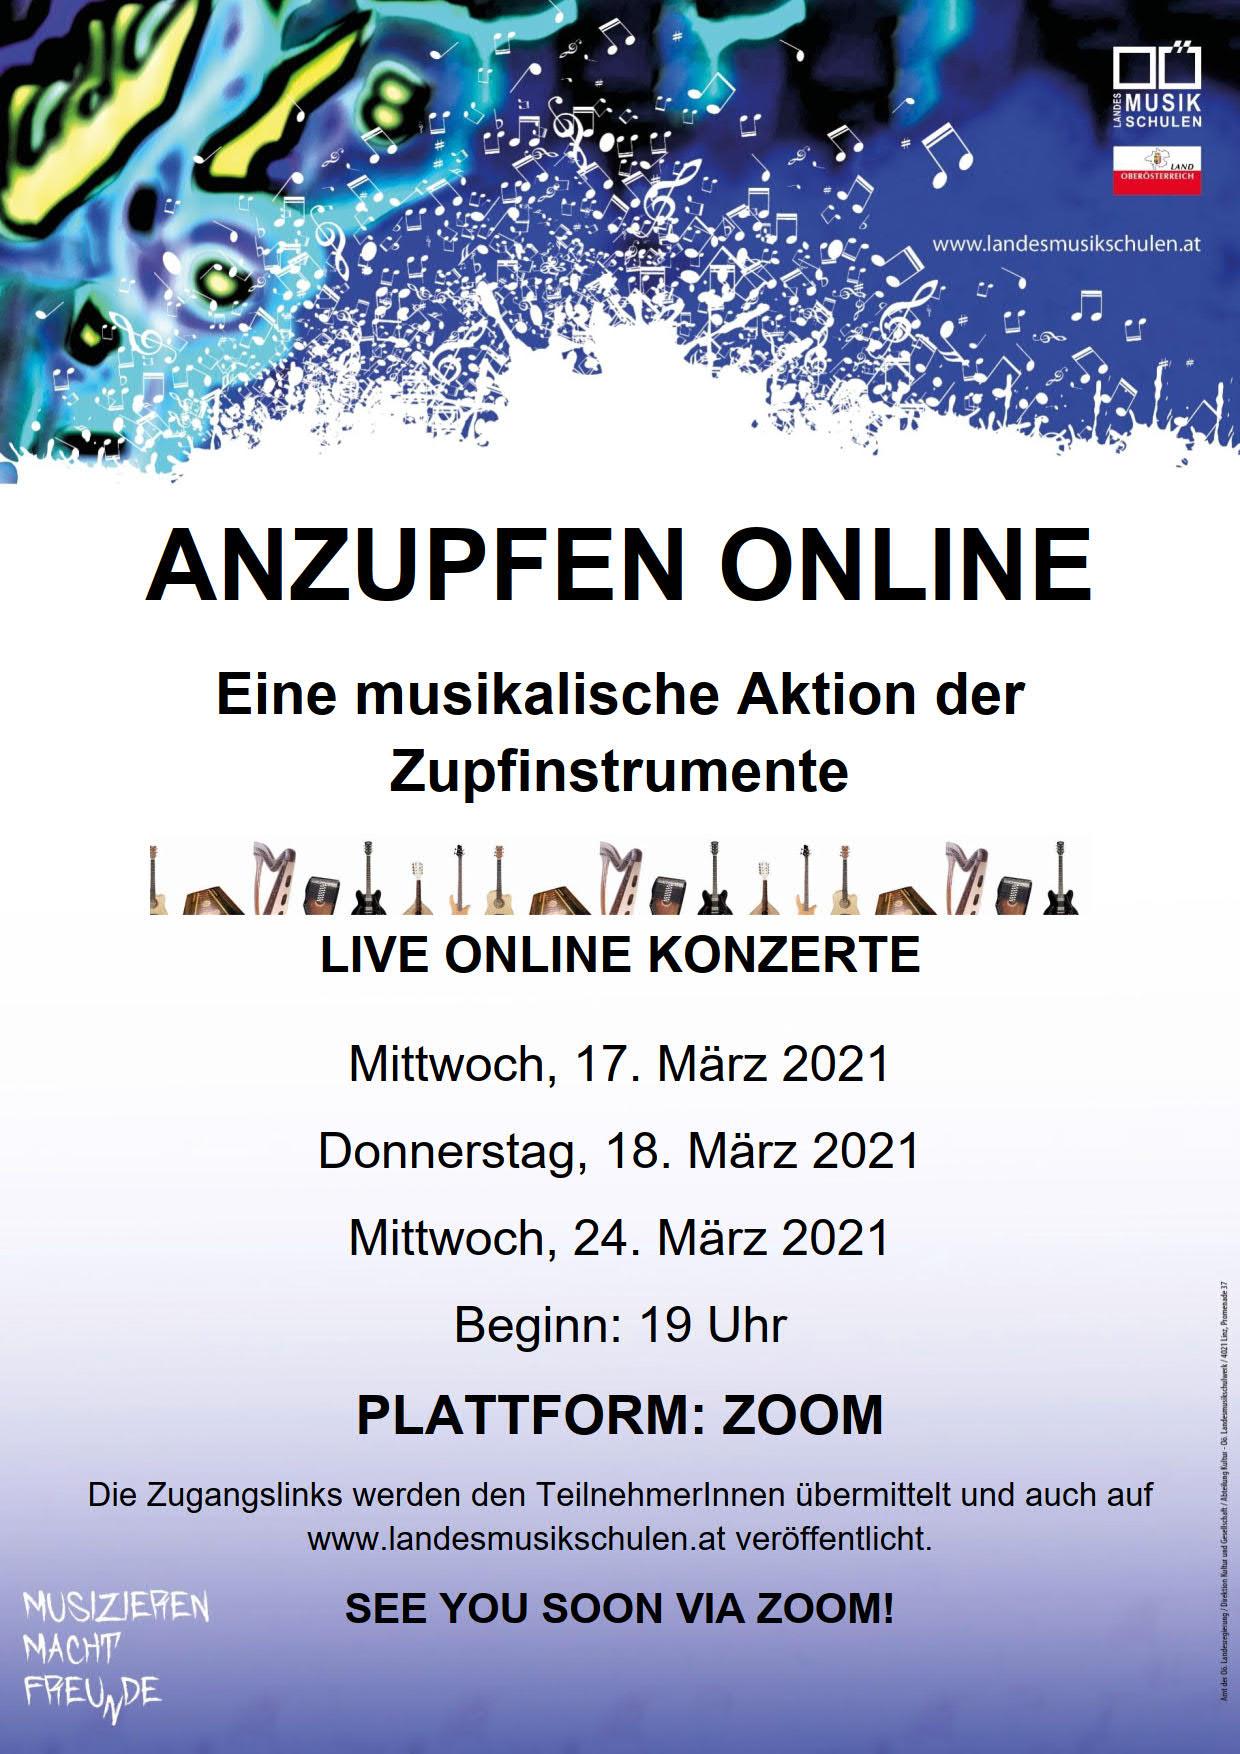 Anzupfen Online 2021 1